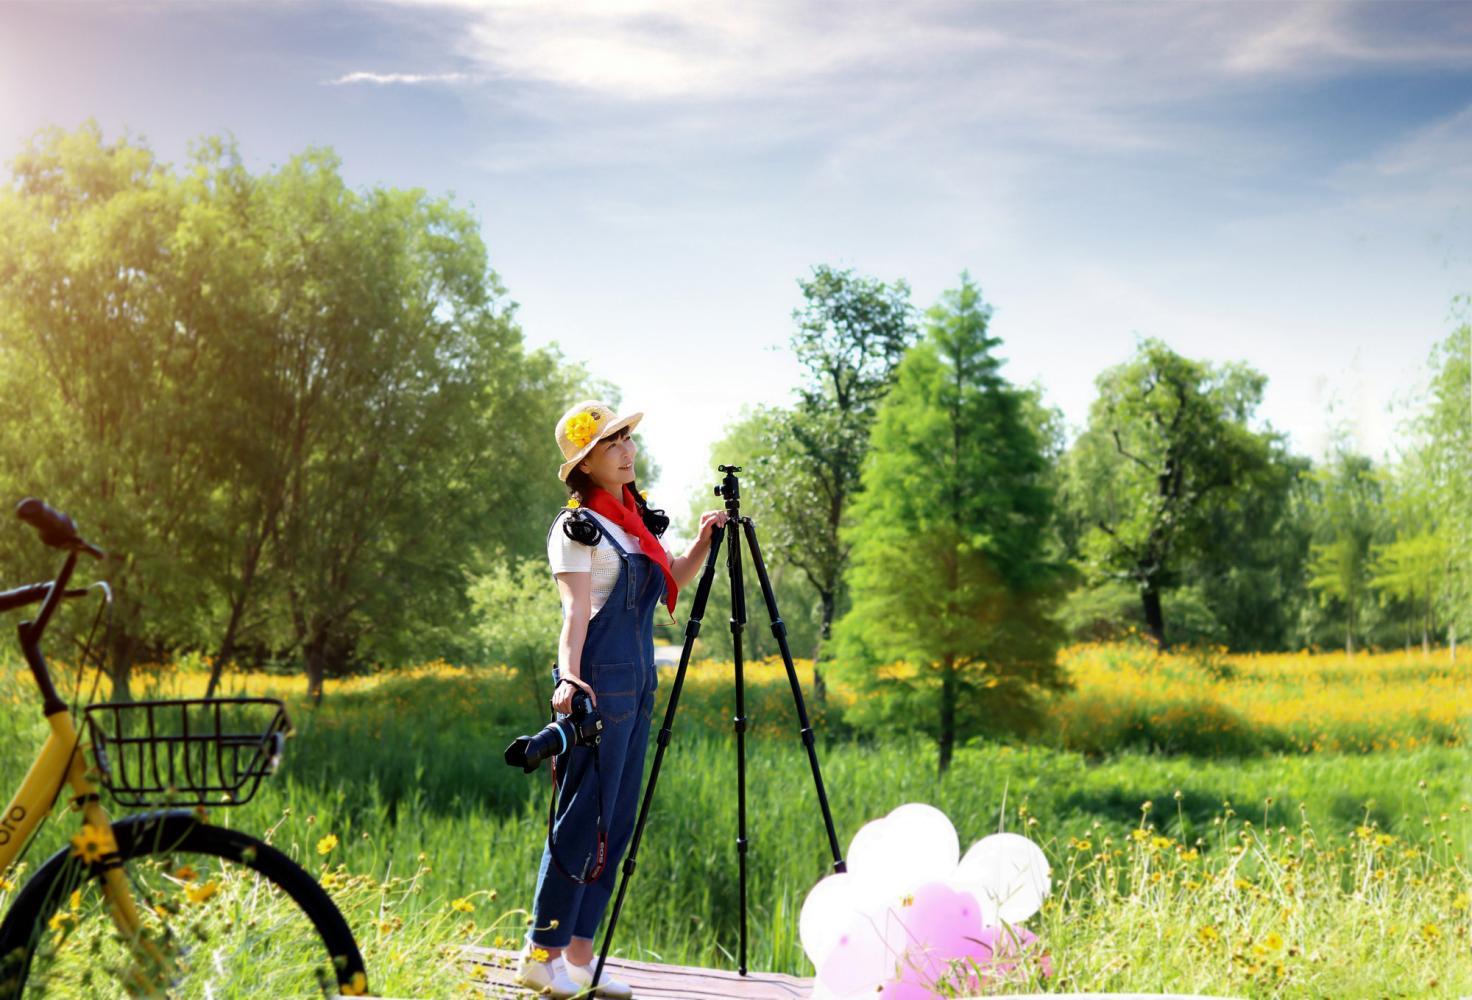 美女摄影师的春天